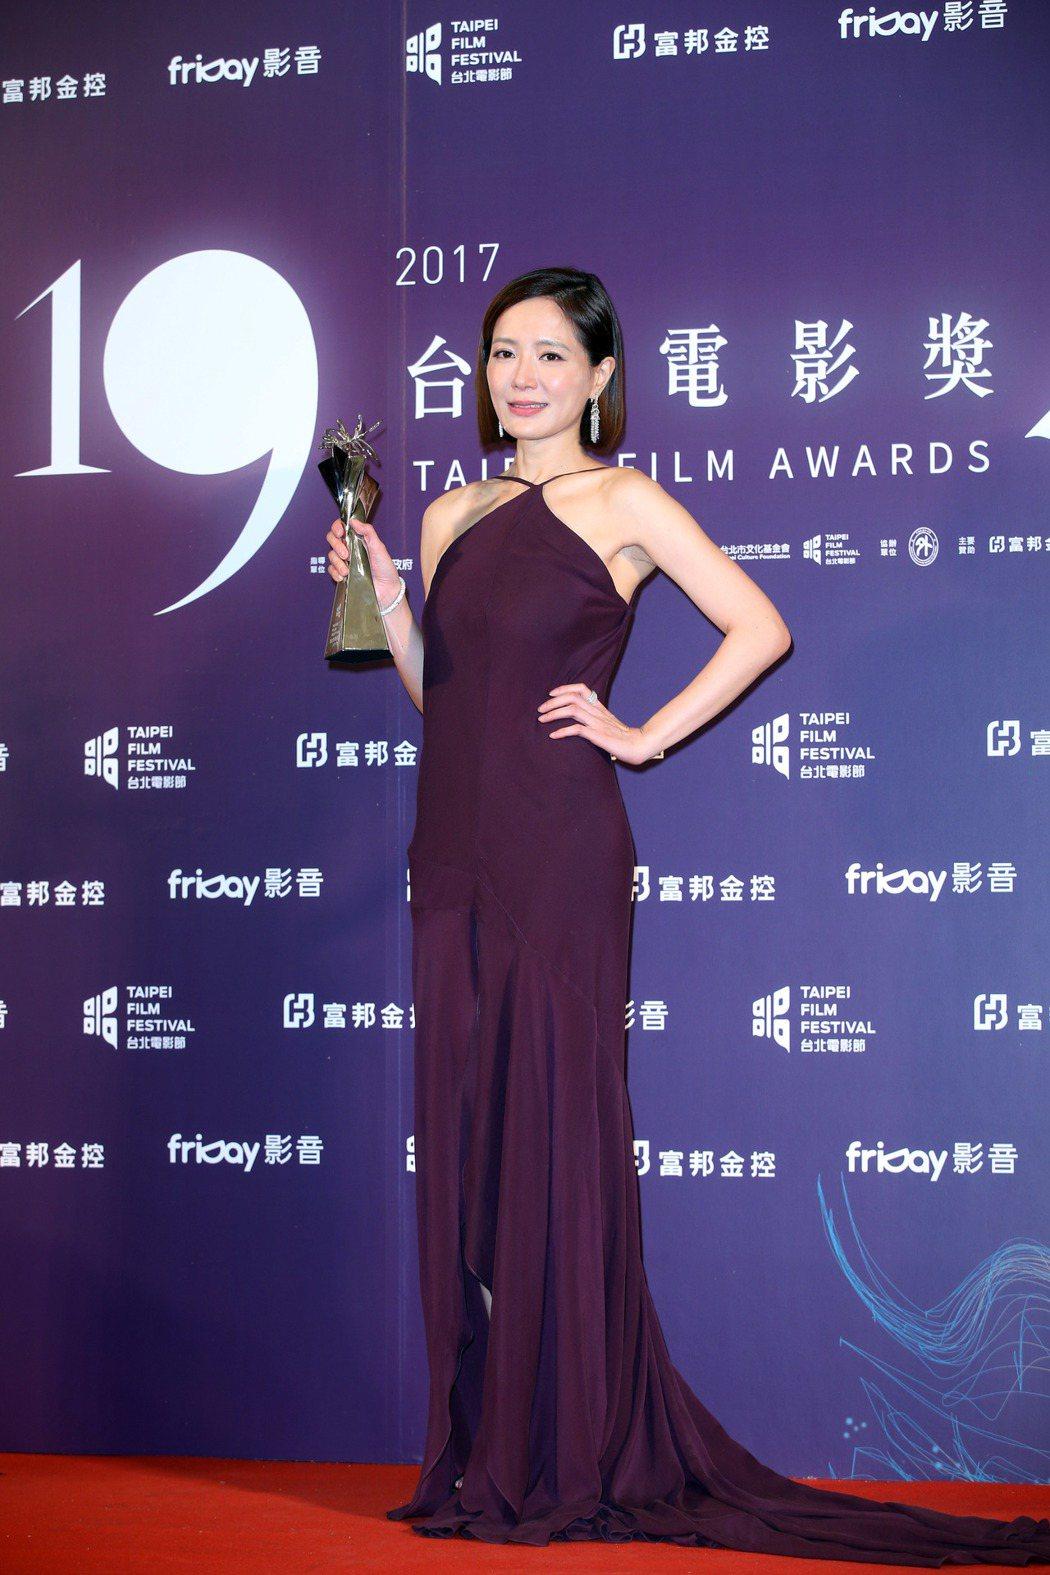 尹馨獲台北電影獎最佳女主角。記者陳瑞源/攝影